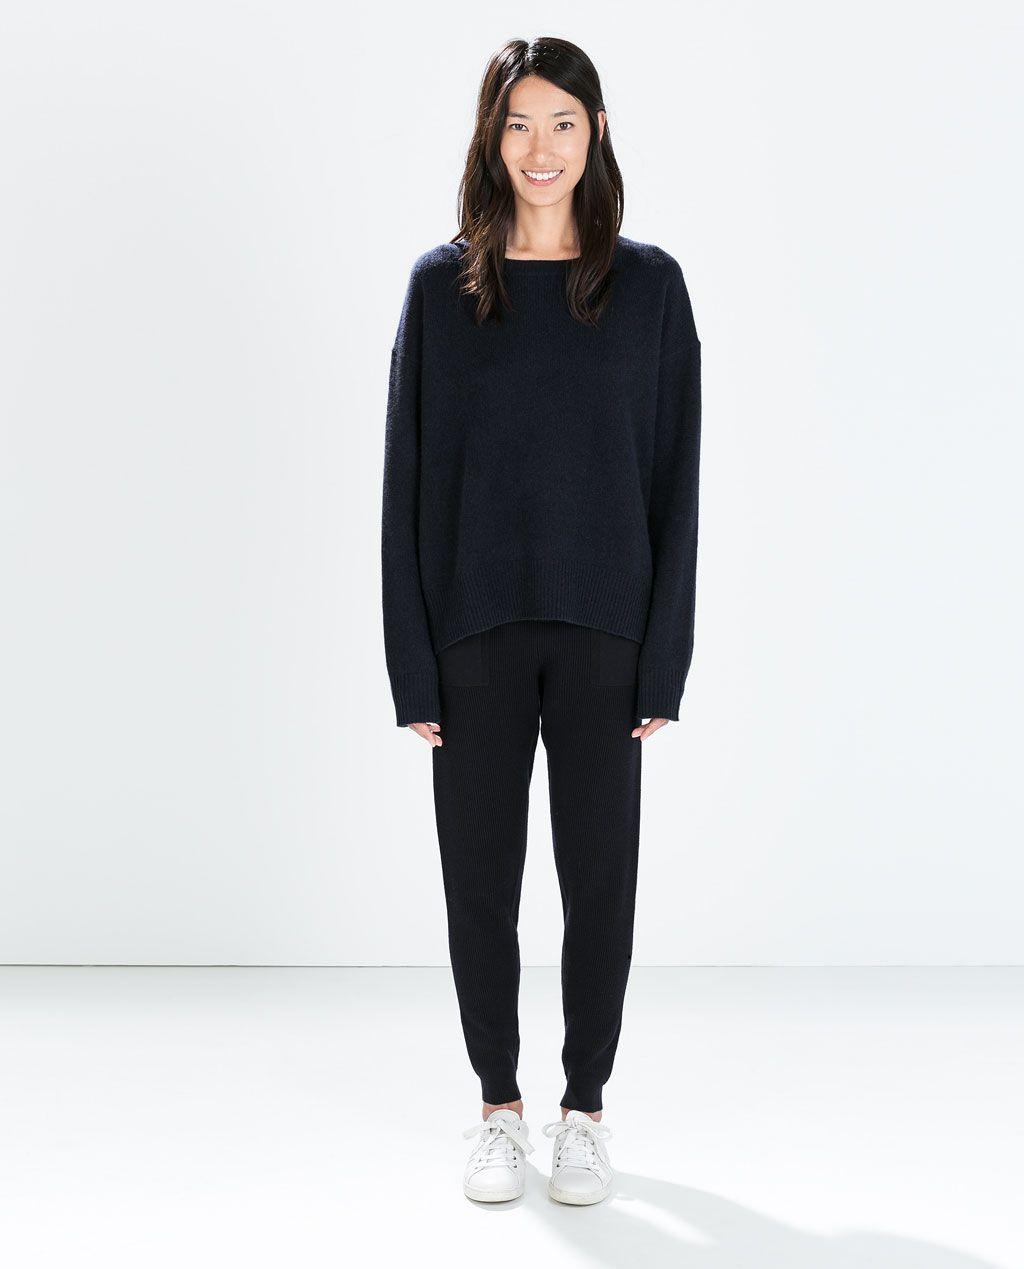 Trousers Canalé Zara De Zara Knitwear Style Y Punto Pantalón q84Ezwq